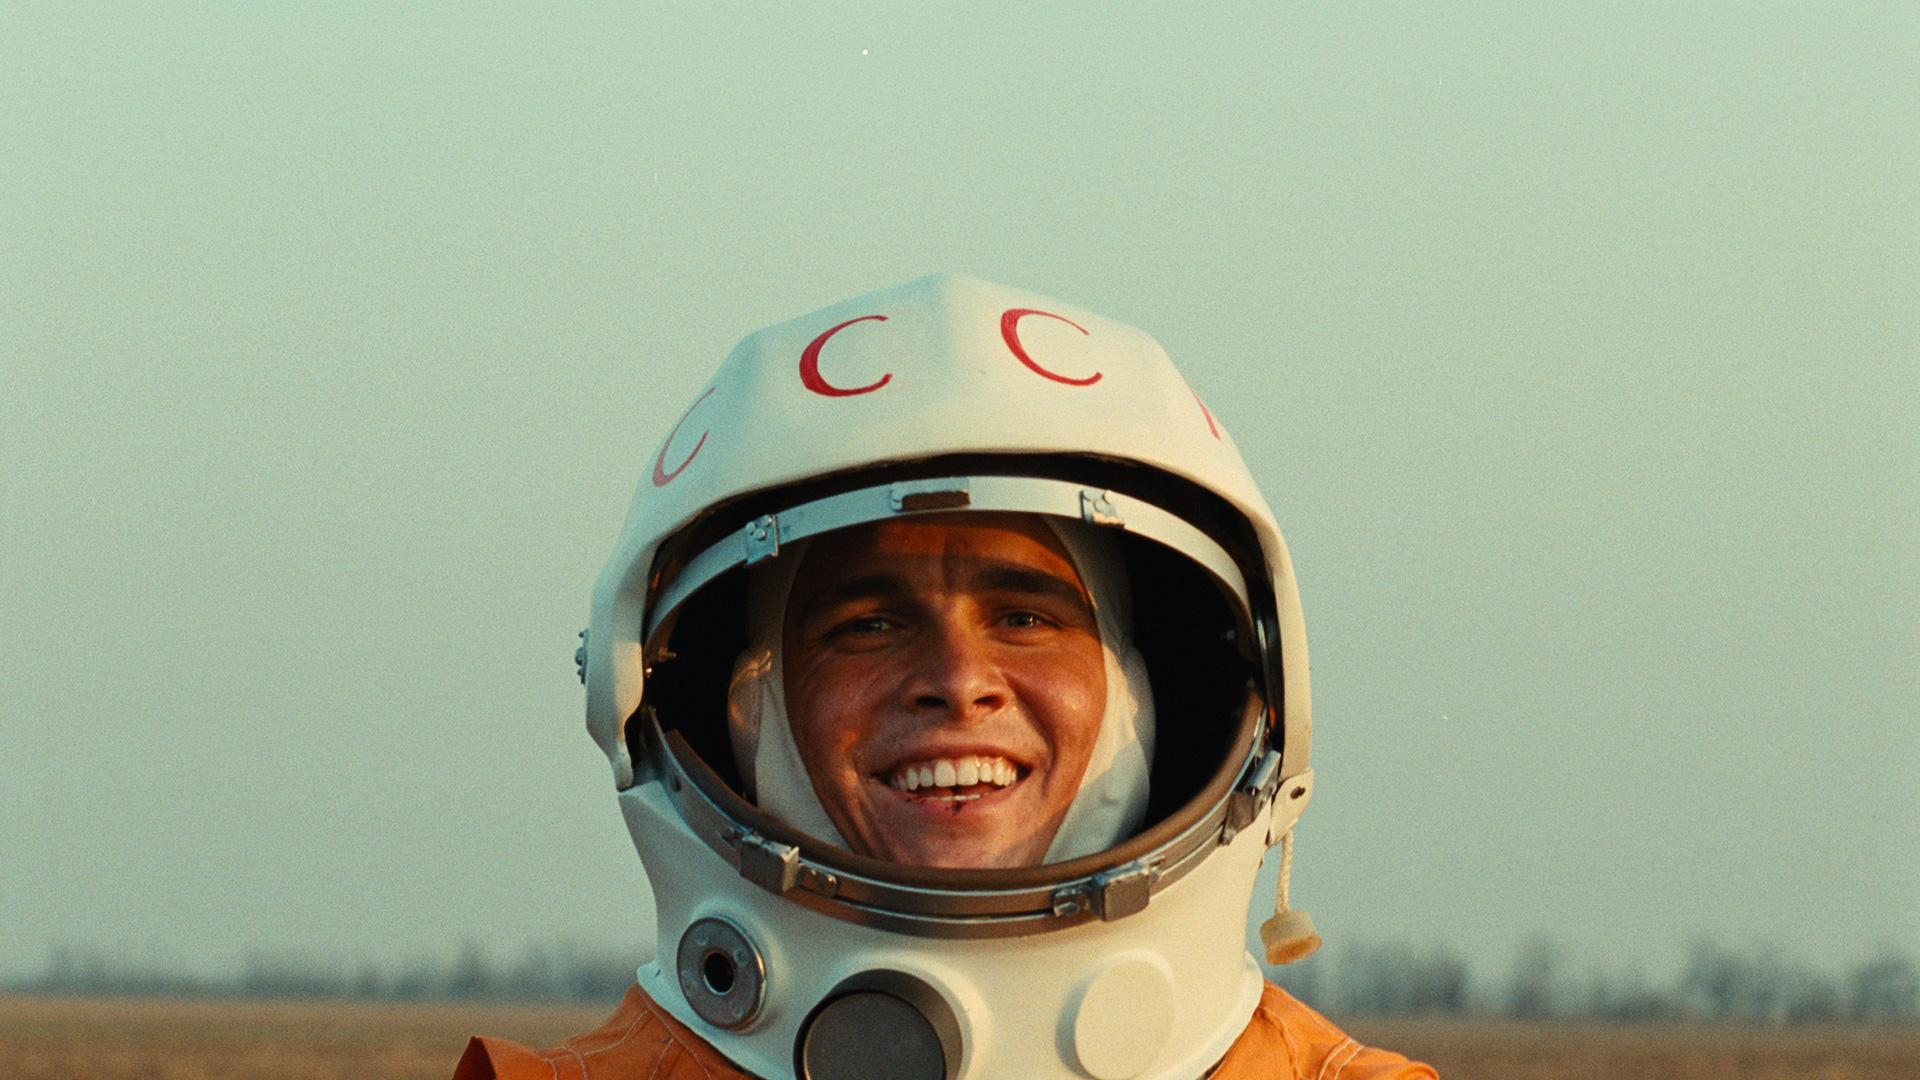 Гагарин фото в скафандре в высоком разрешении